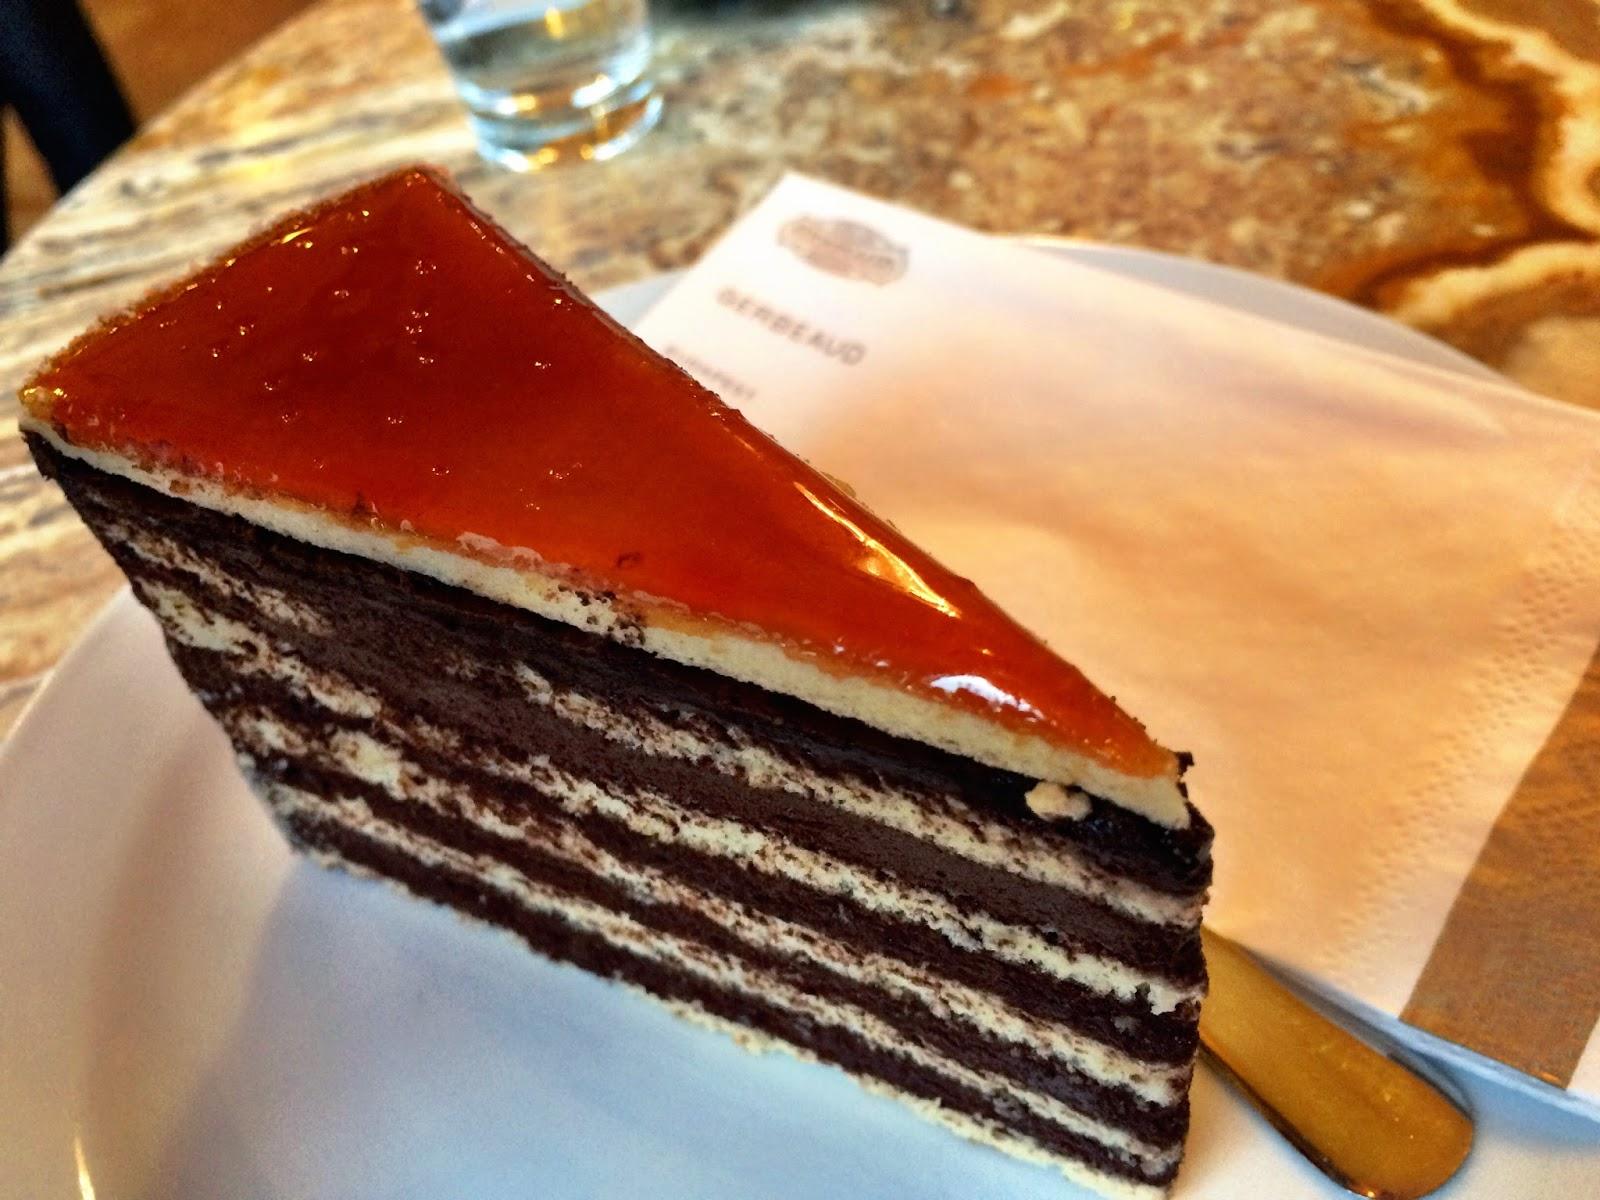 The tasty Dobos cake, Cafe Gerbeaud, Budapest